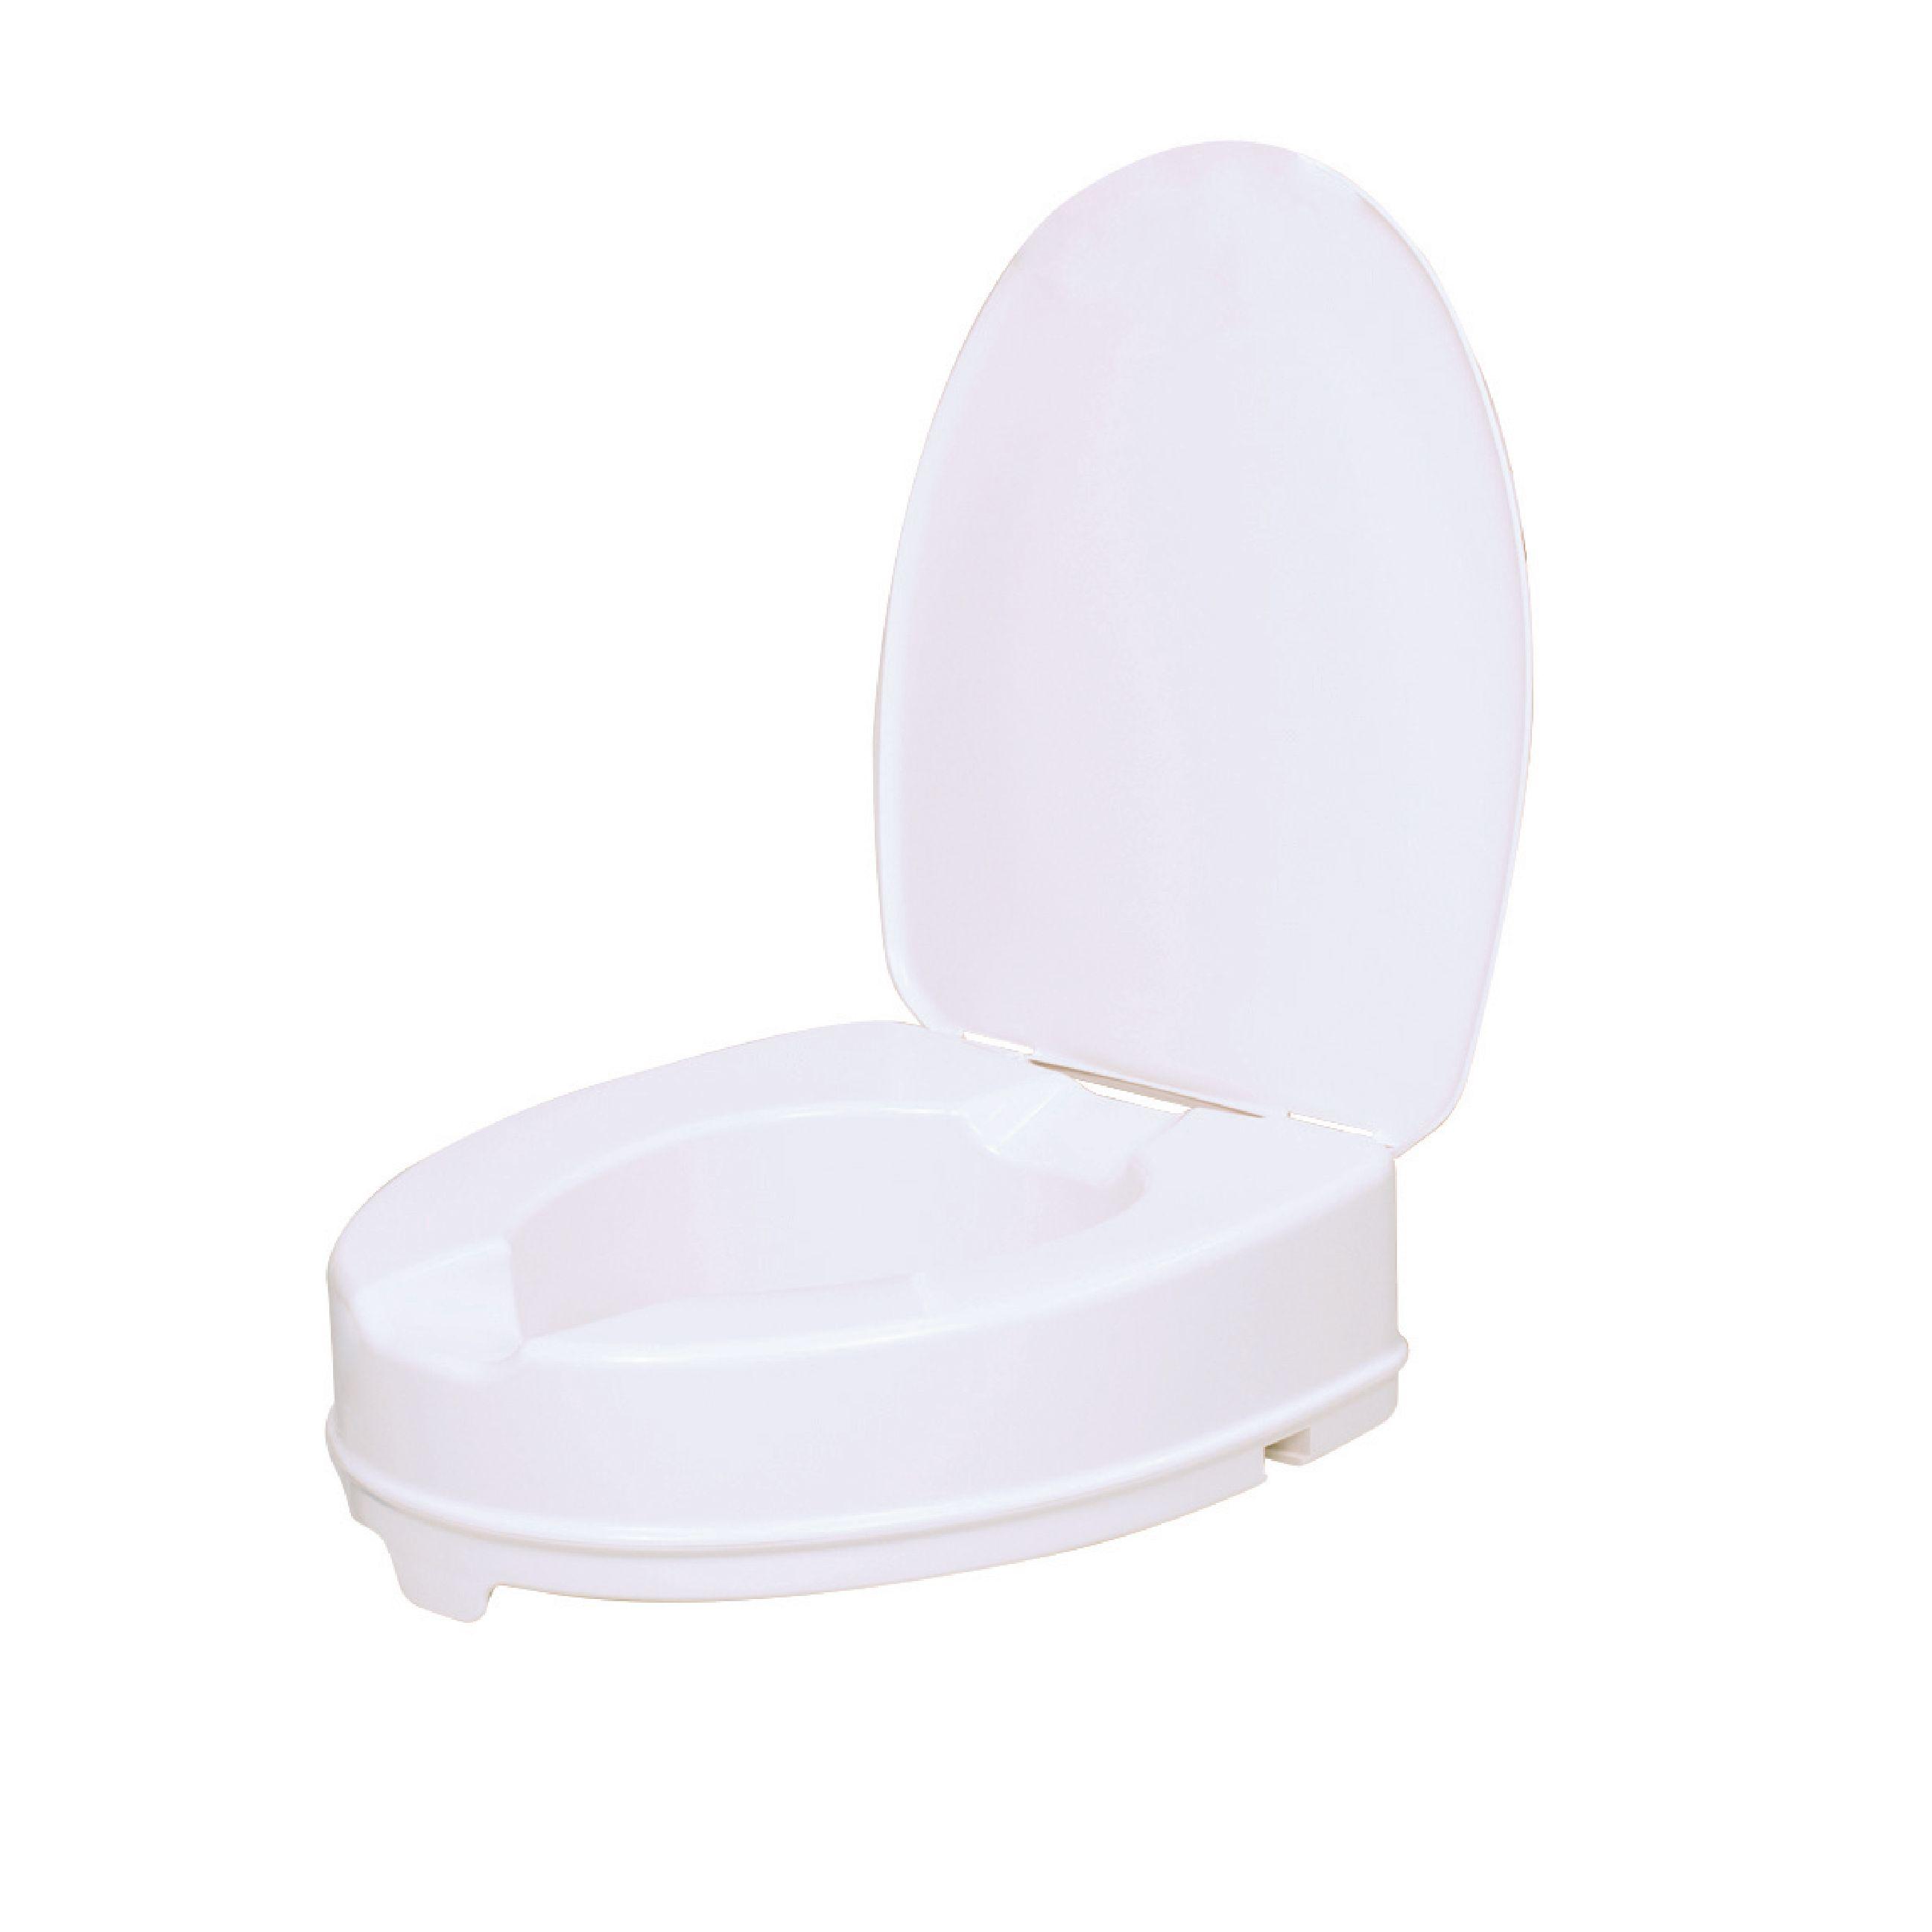 Nástavec na WC 10 cm s poklopem Vitility VIT-70110530